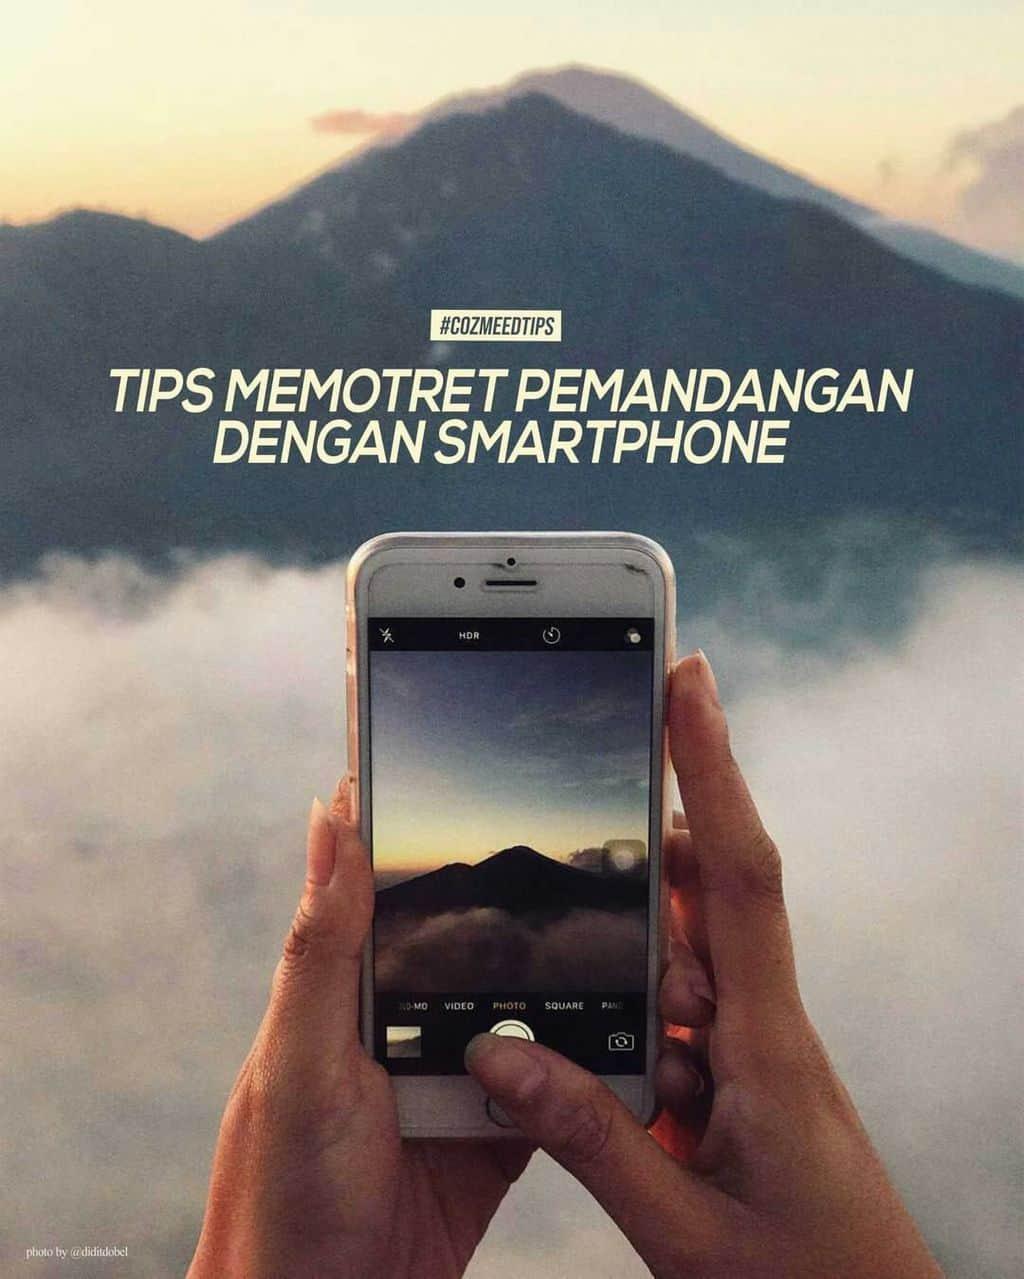 Gambar TIPS MEMOTRET PEMANDANGAN DENGAN SMARTPHONE 1